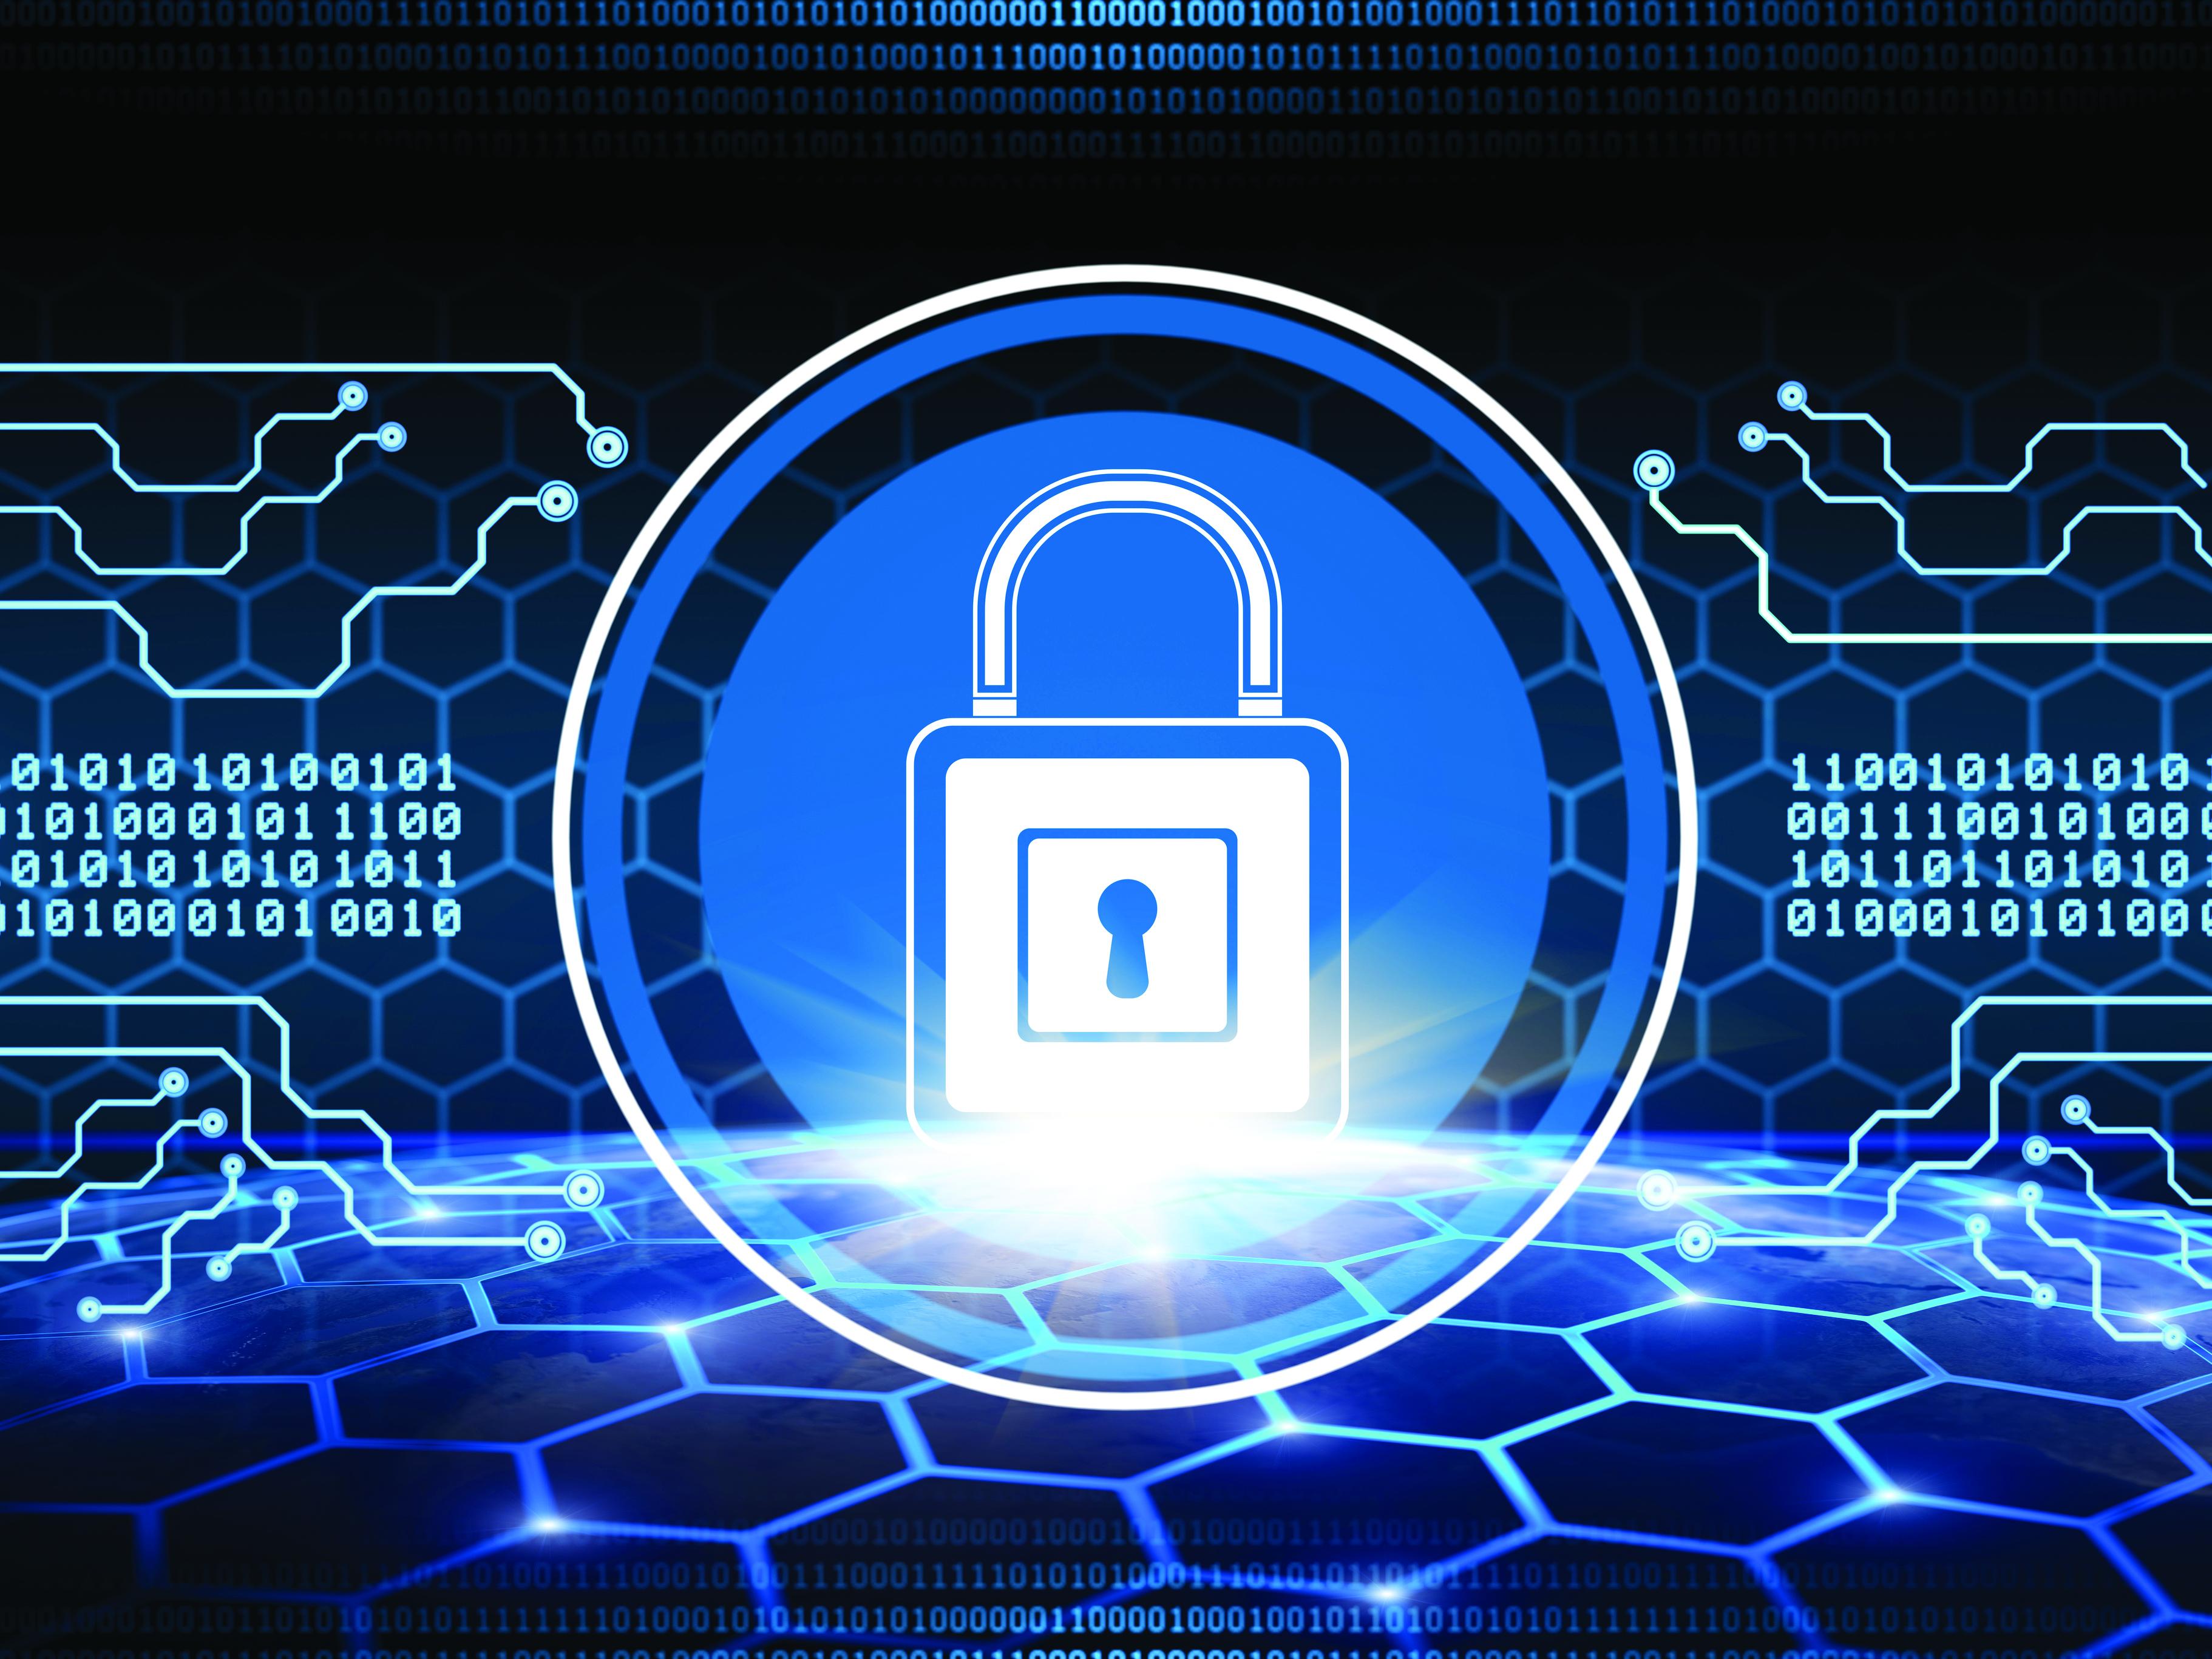 Segurança online precisa ser parte da estratégia de todo negócio